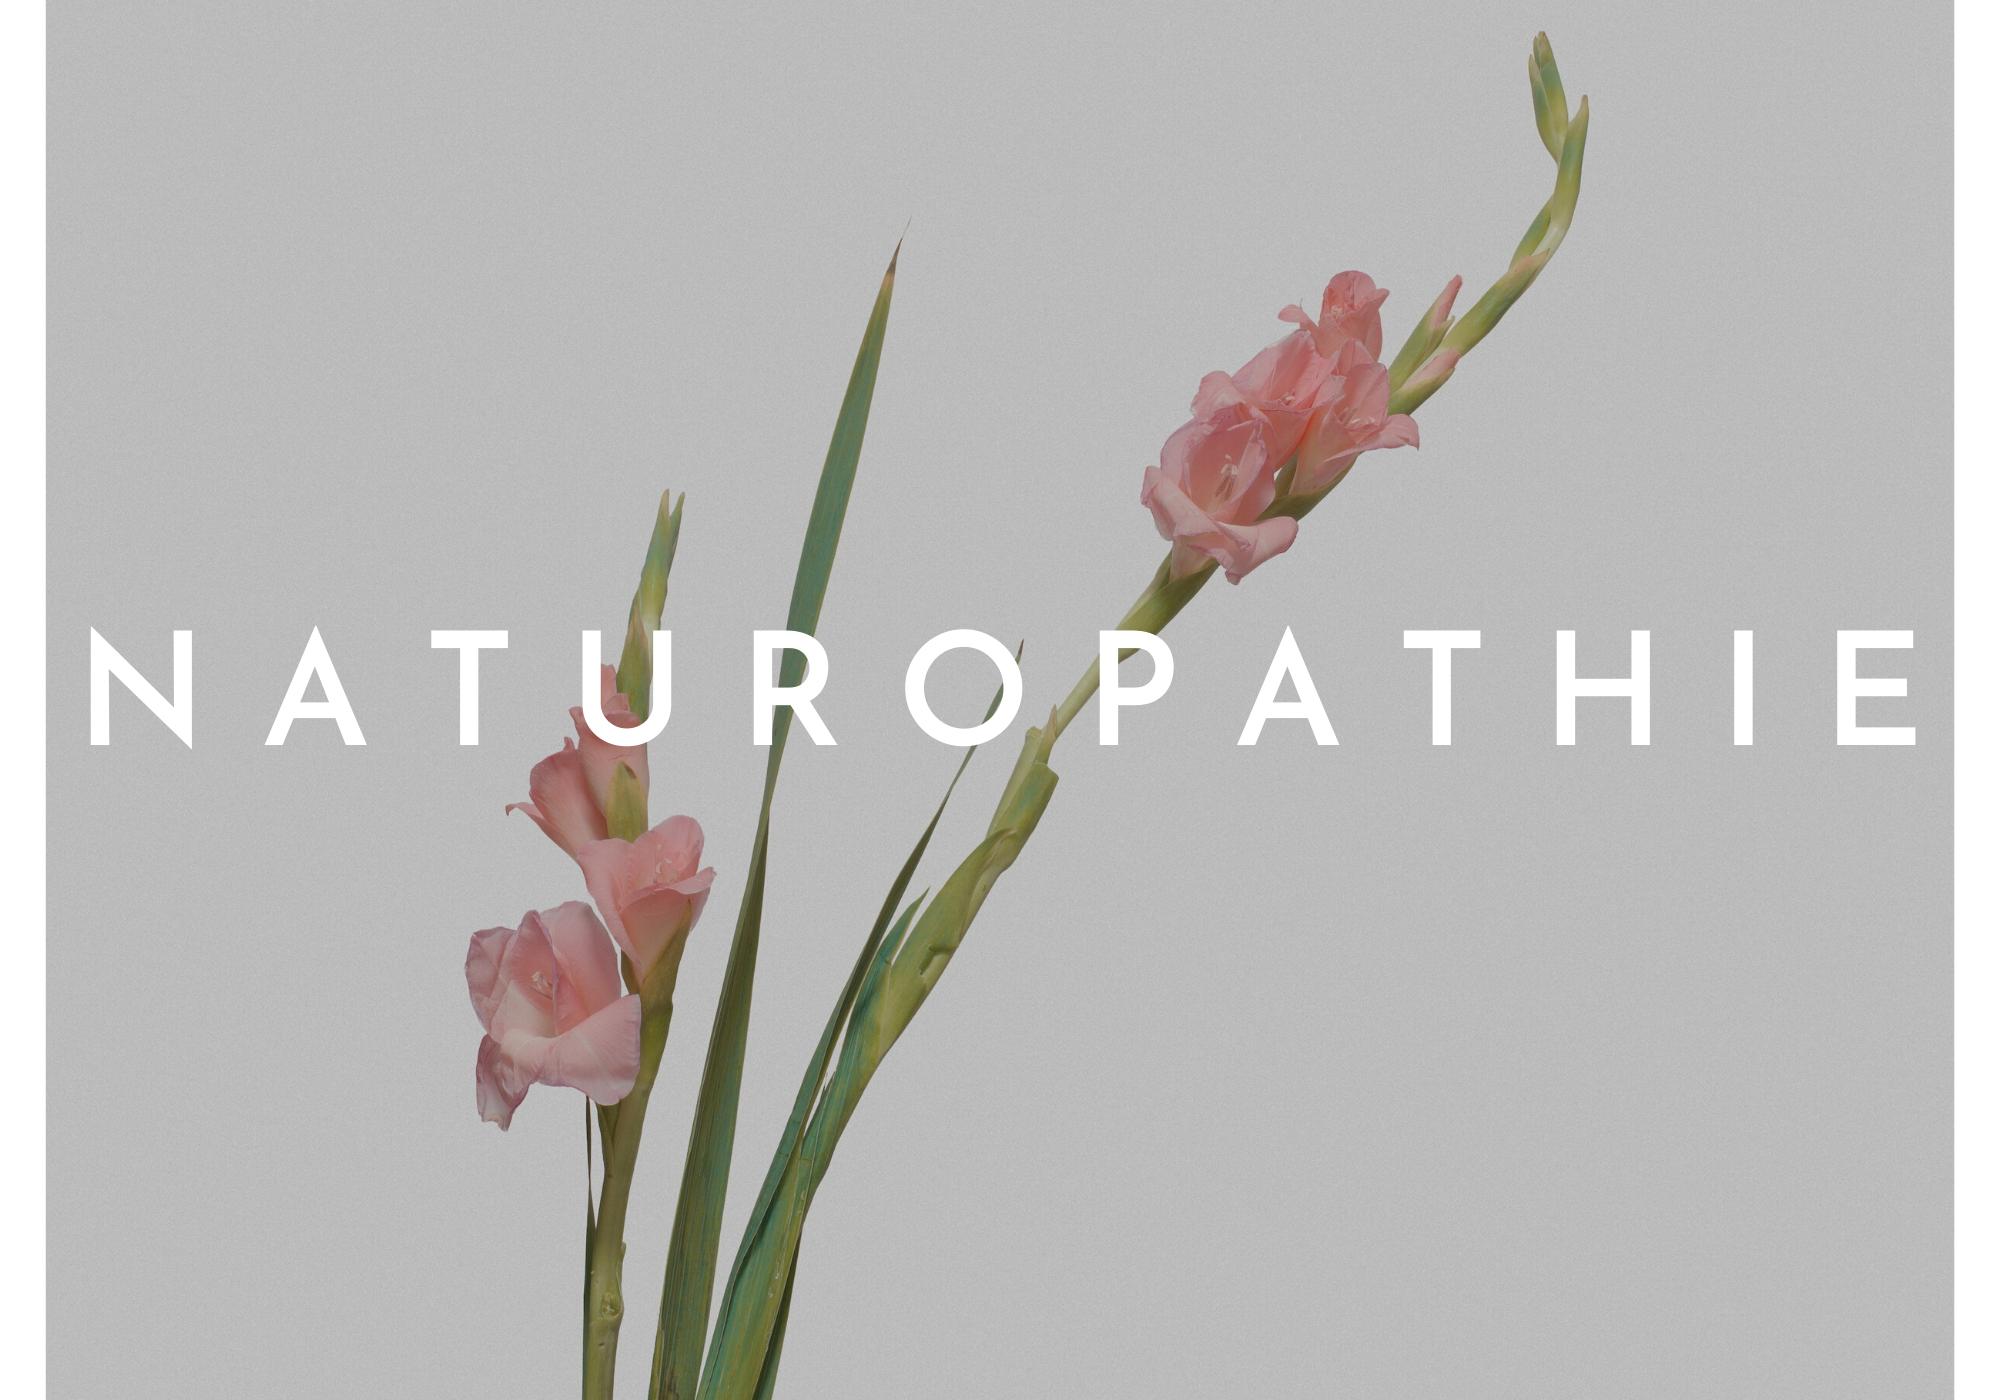 Naturopathie Toulouse - Bien-être, vitalité, forme, équilibre, qualité de vie